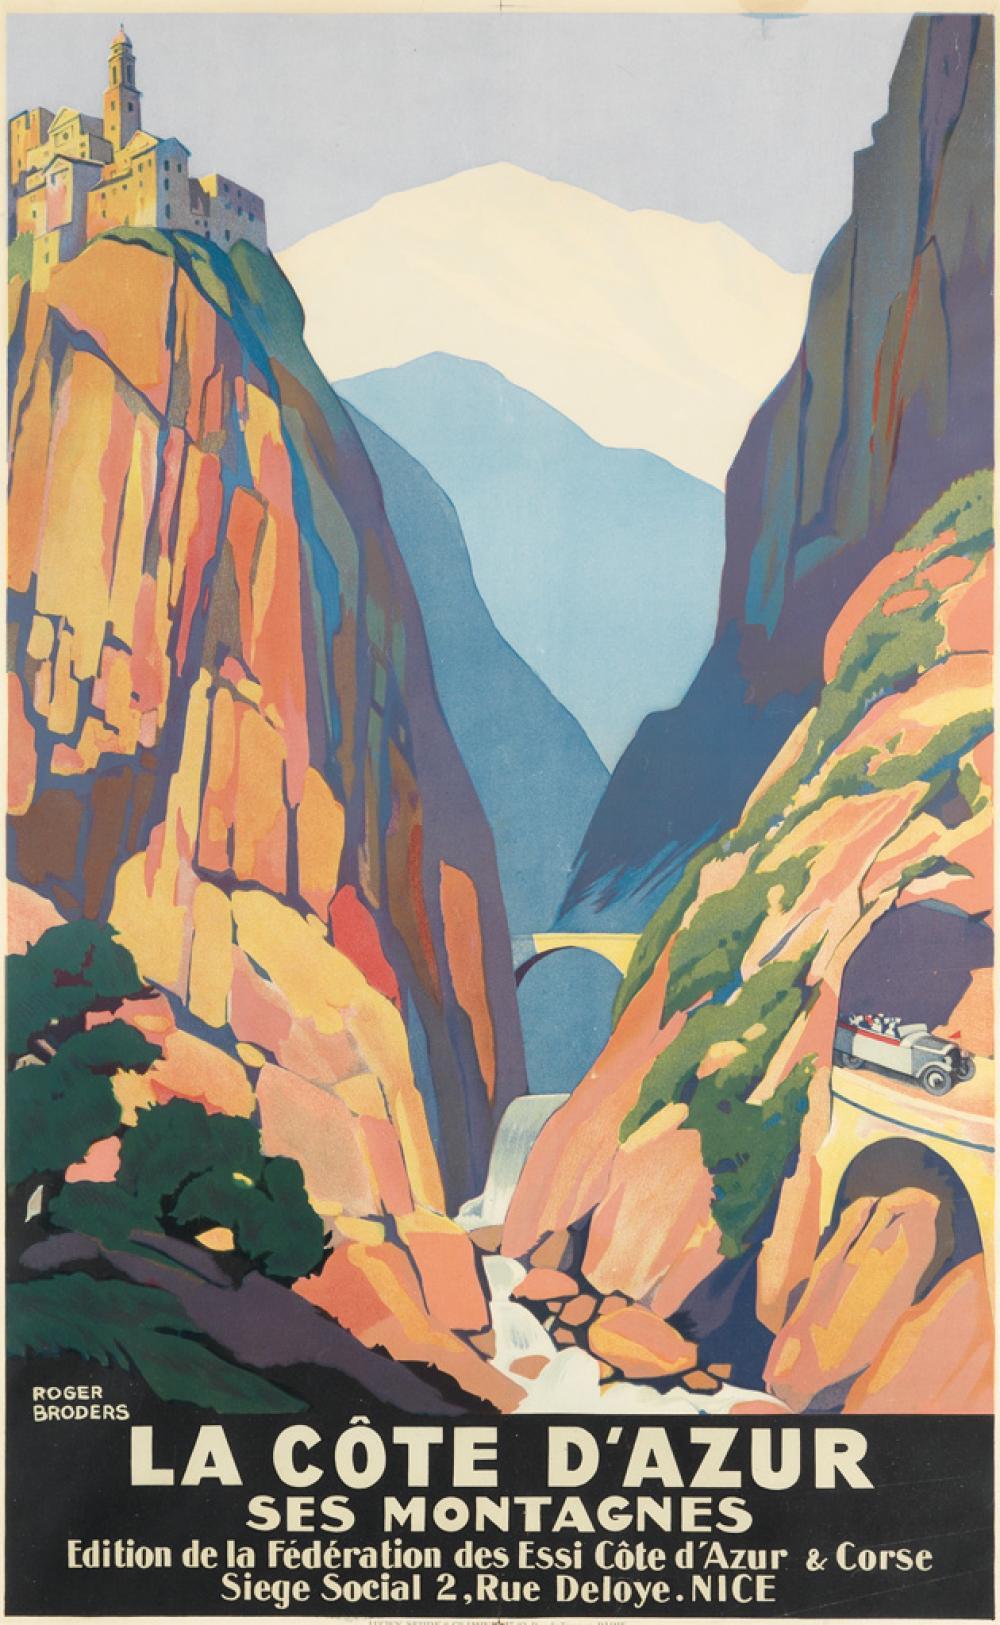 ROGER BRODERS (1883-1953). LA CÔTE D'AZUR SES MONTAGNES. Circa 1930. 39x24 inches, 99x62 cm. Lucien Serre & Cie, Paris.